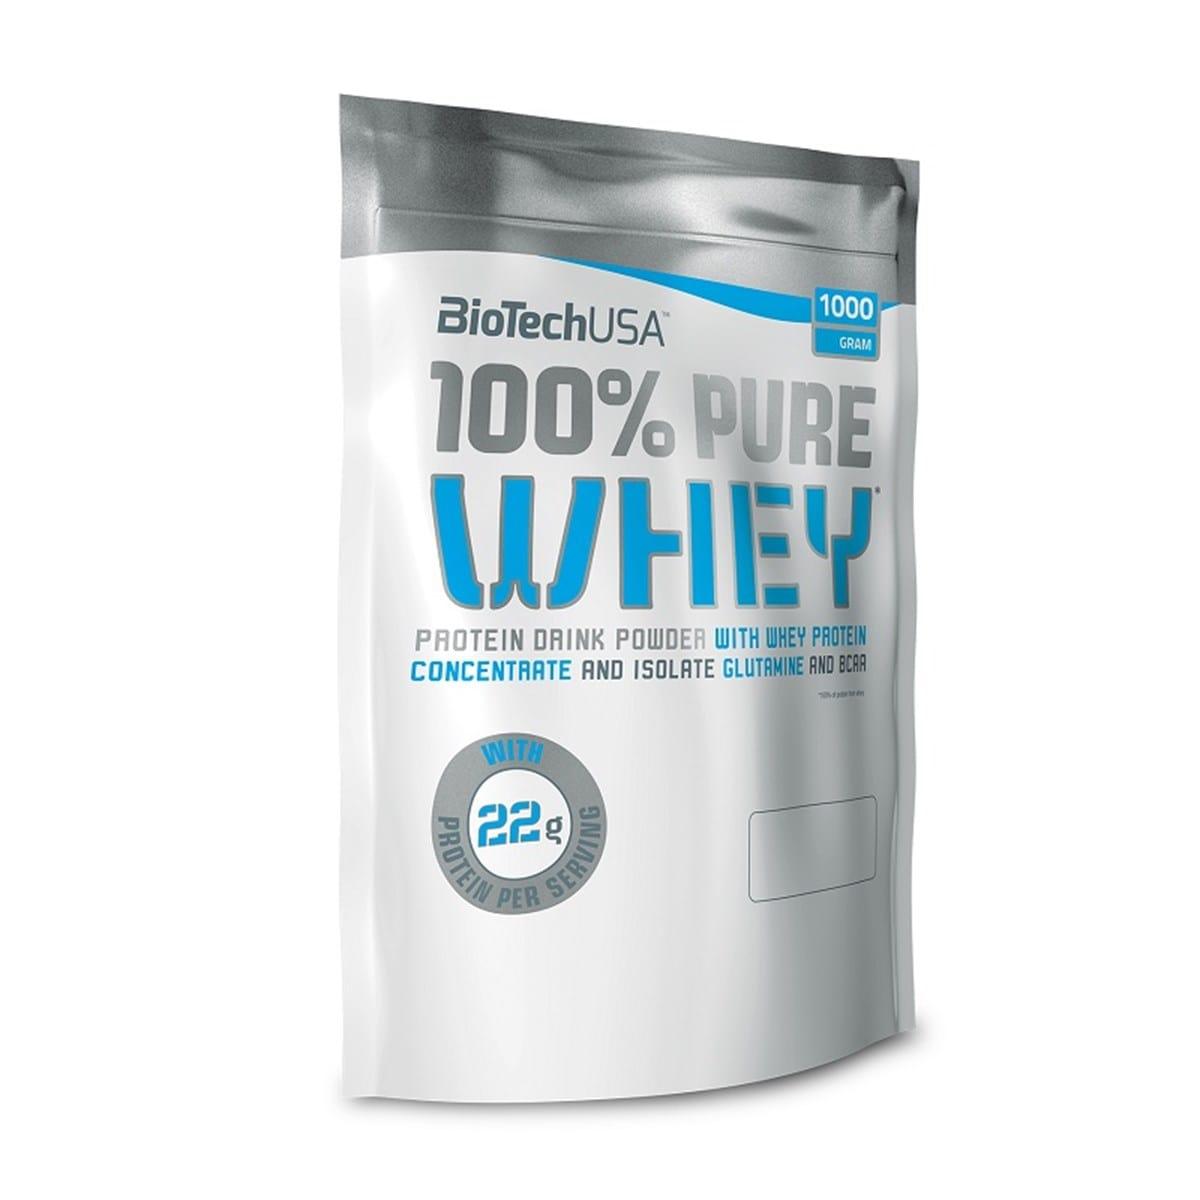 100% Pure Whey, Banana - 1000g versandkostenfrei/portofrei bestellen/kaufen